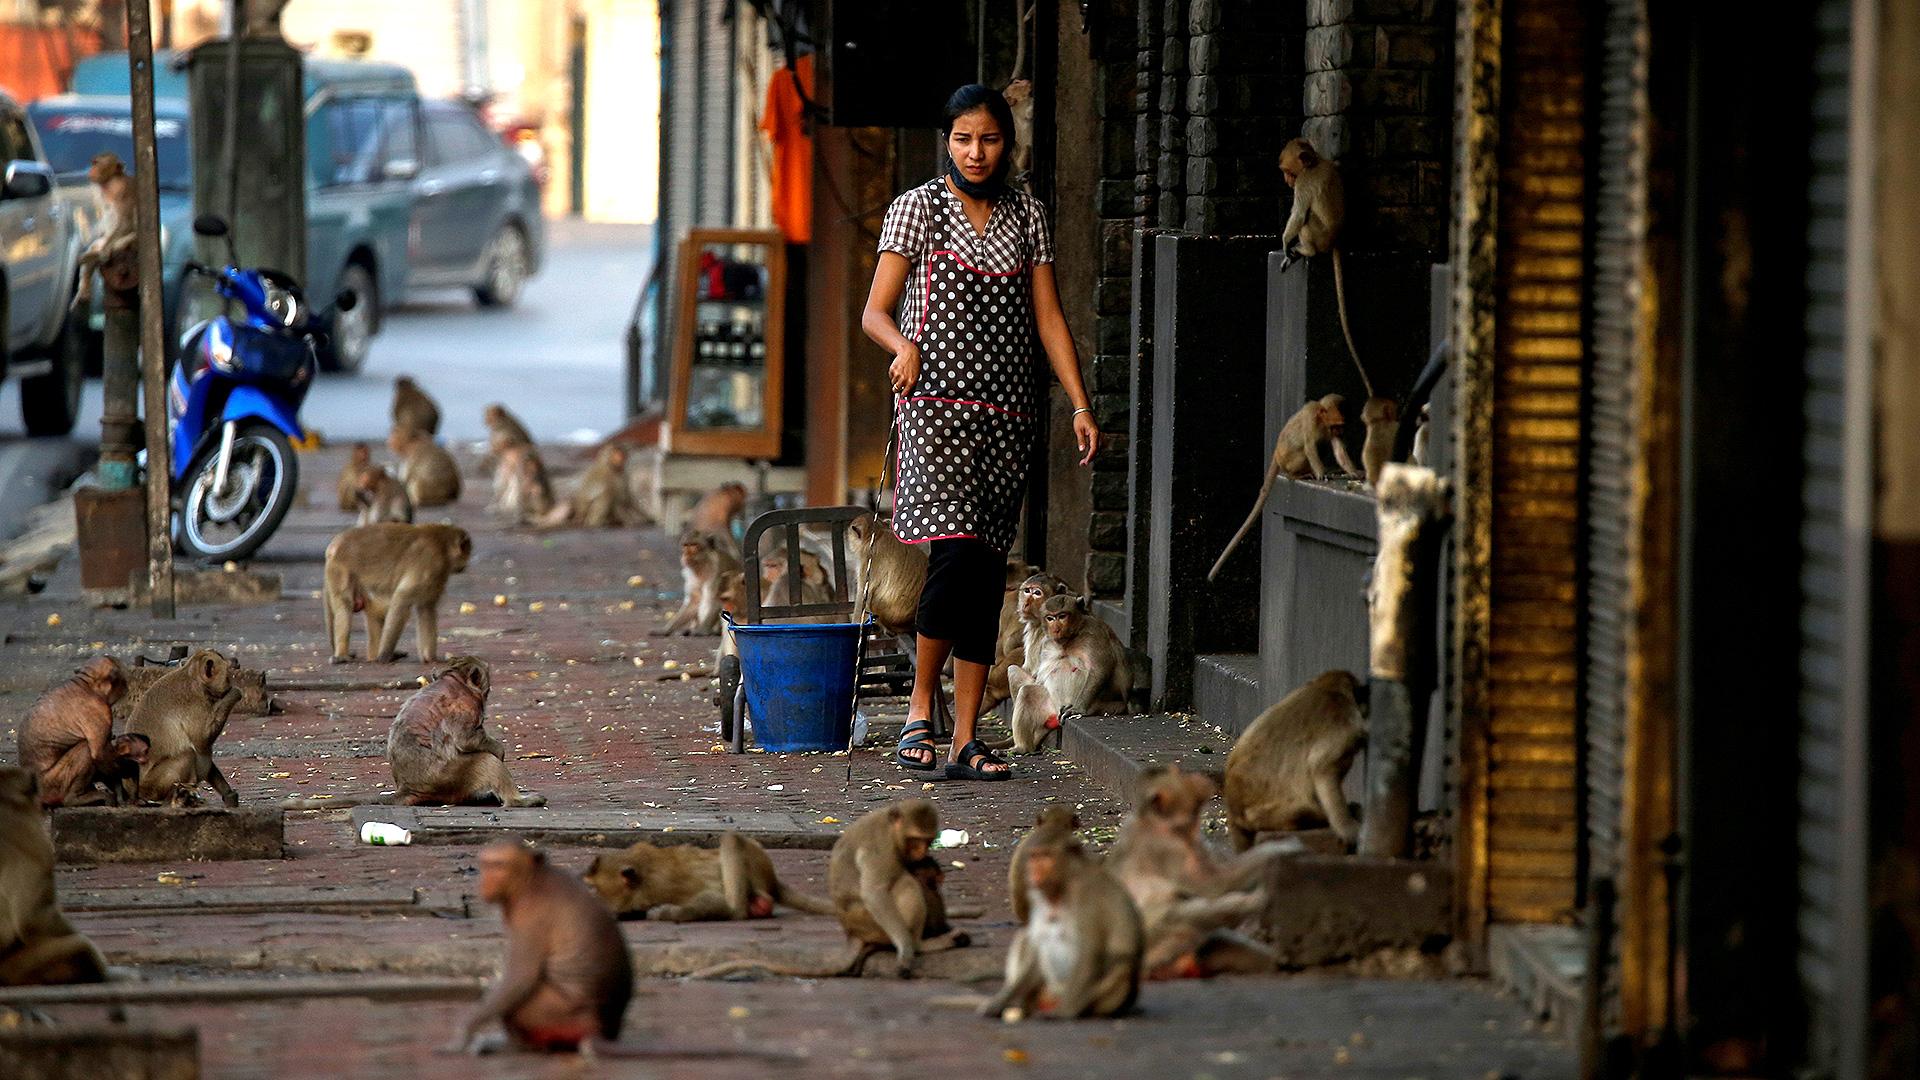 Los monos, hambrientos, llenaron las calles de Tailandia